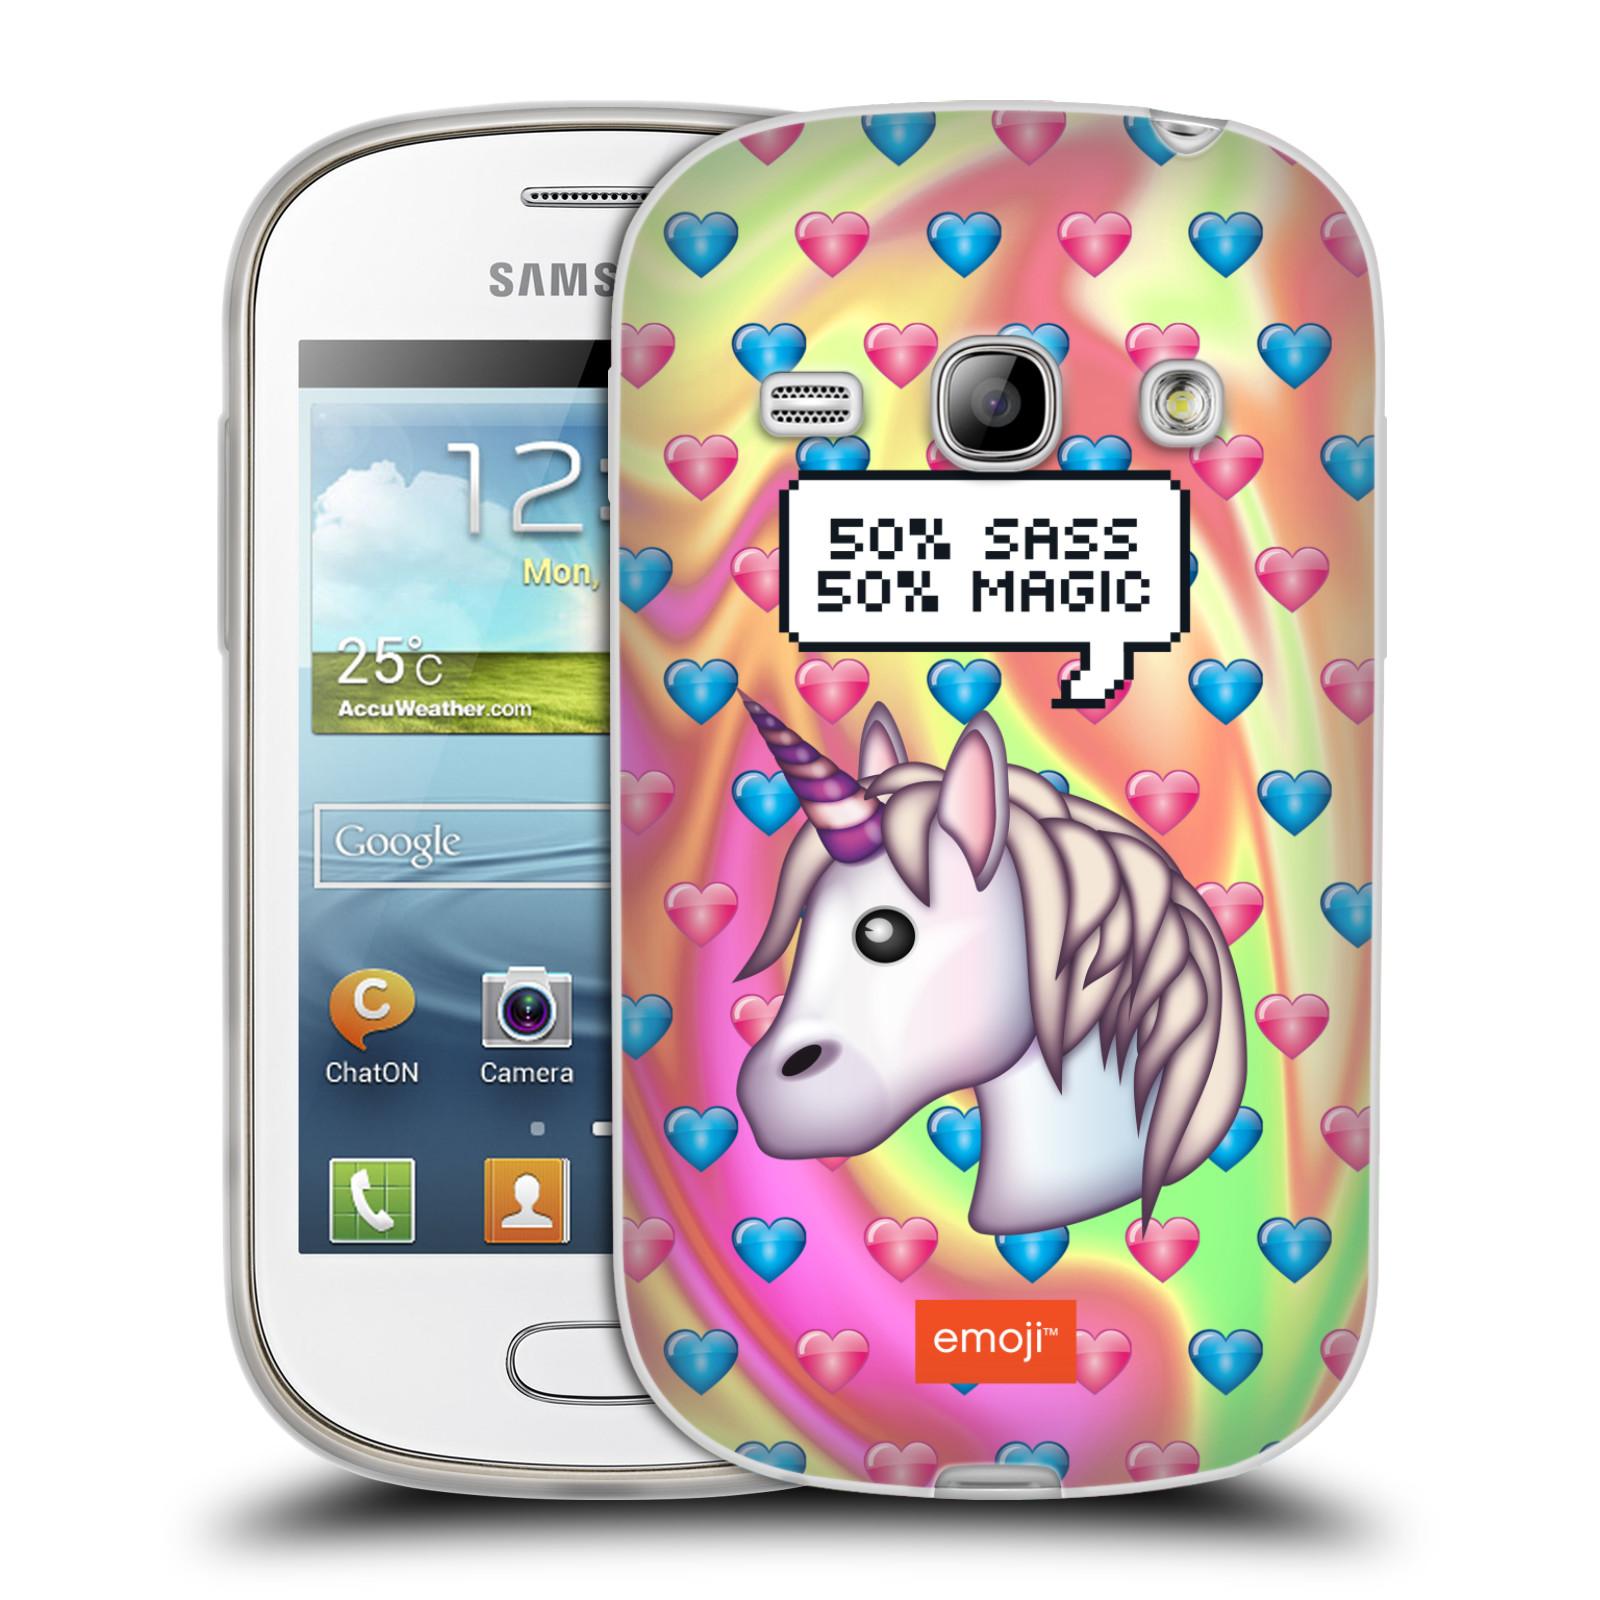 Silikonové pouzdro na mobil Samsung Galaxy Fame HEAD CASE EMOJI - Jednorožec (Silikonový kryt či obal s oficiálním motivem EMOJI na mobilní telefon Samsung Galaxy Fame GT-S6810)